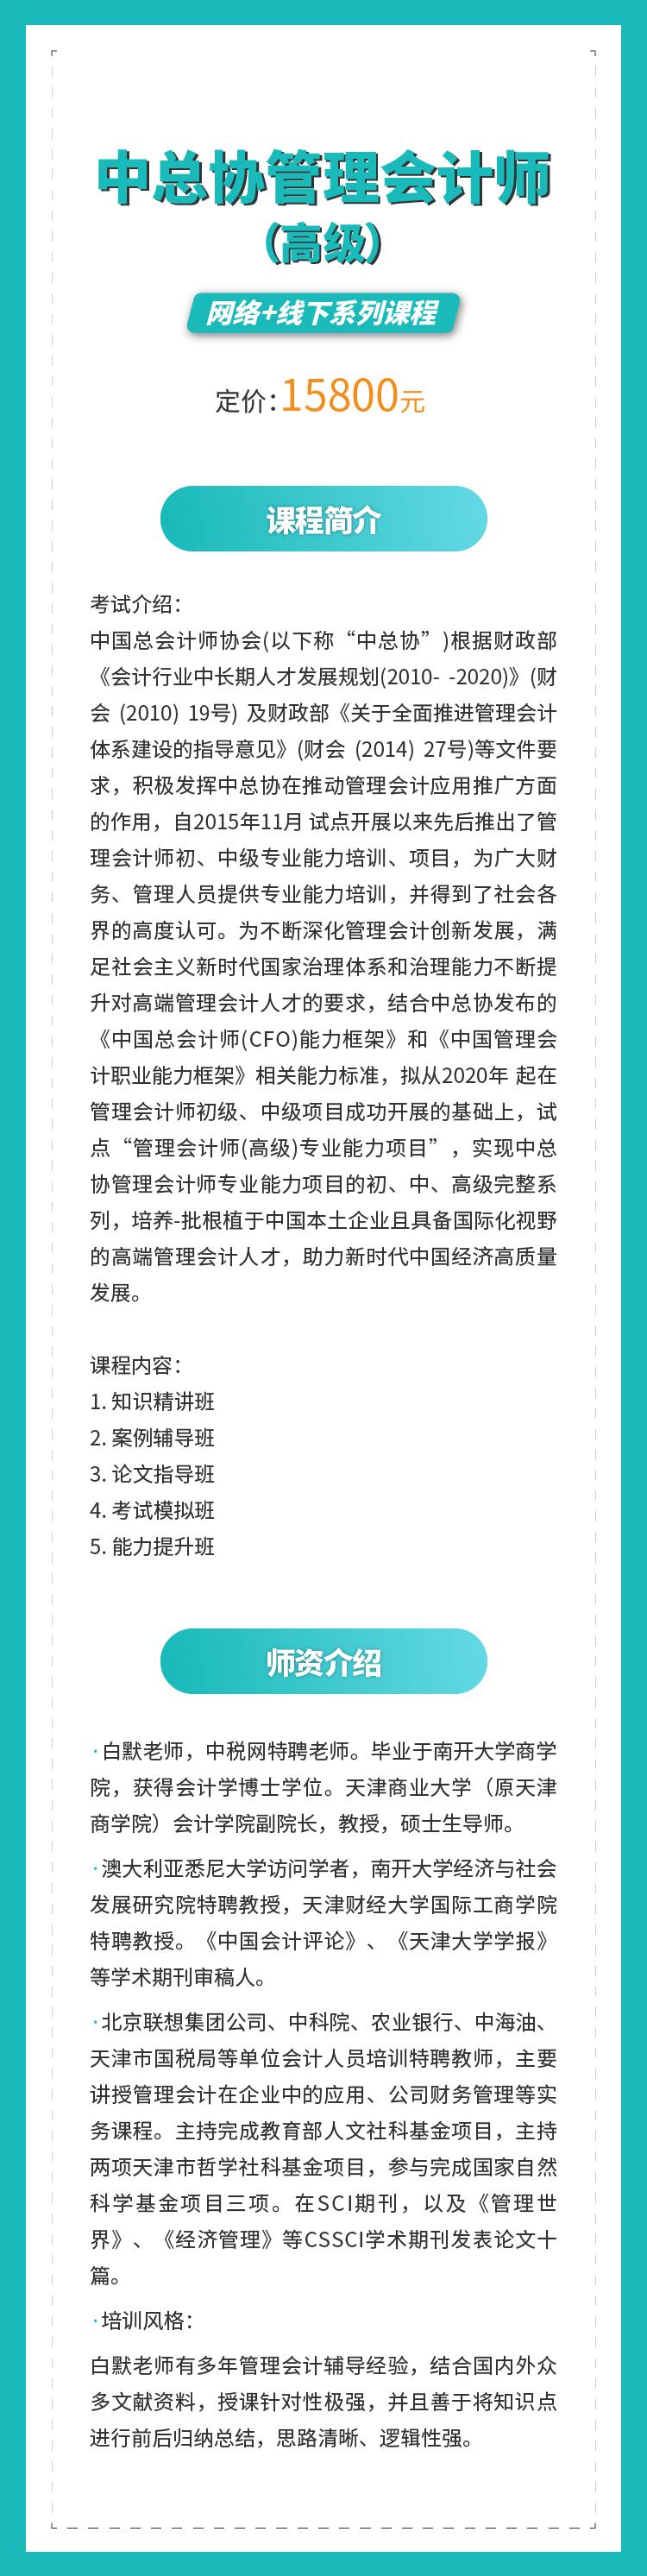 中总协管理会计师(高级)网络+线下系列课程_课程简介.png